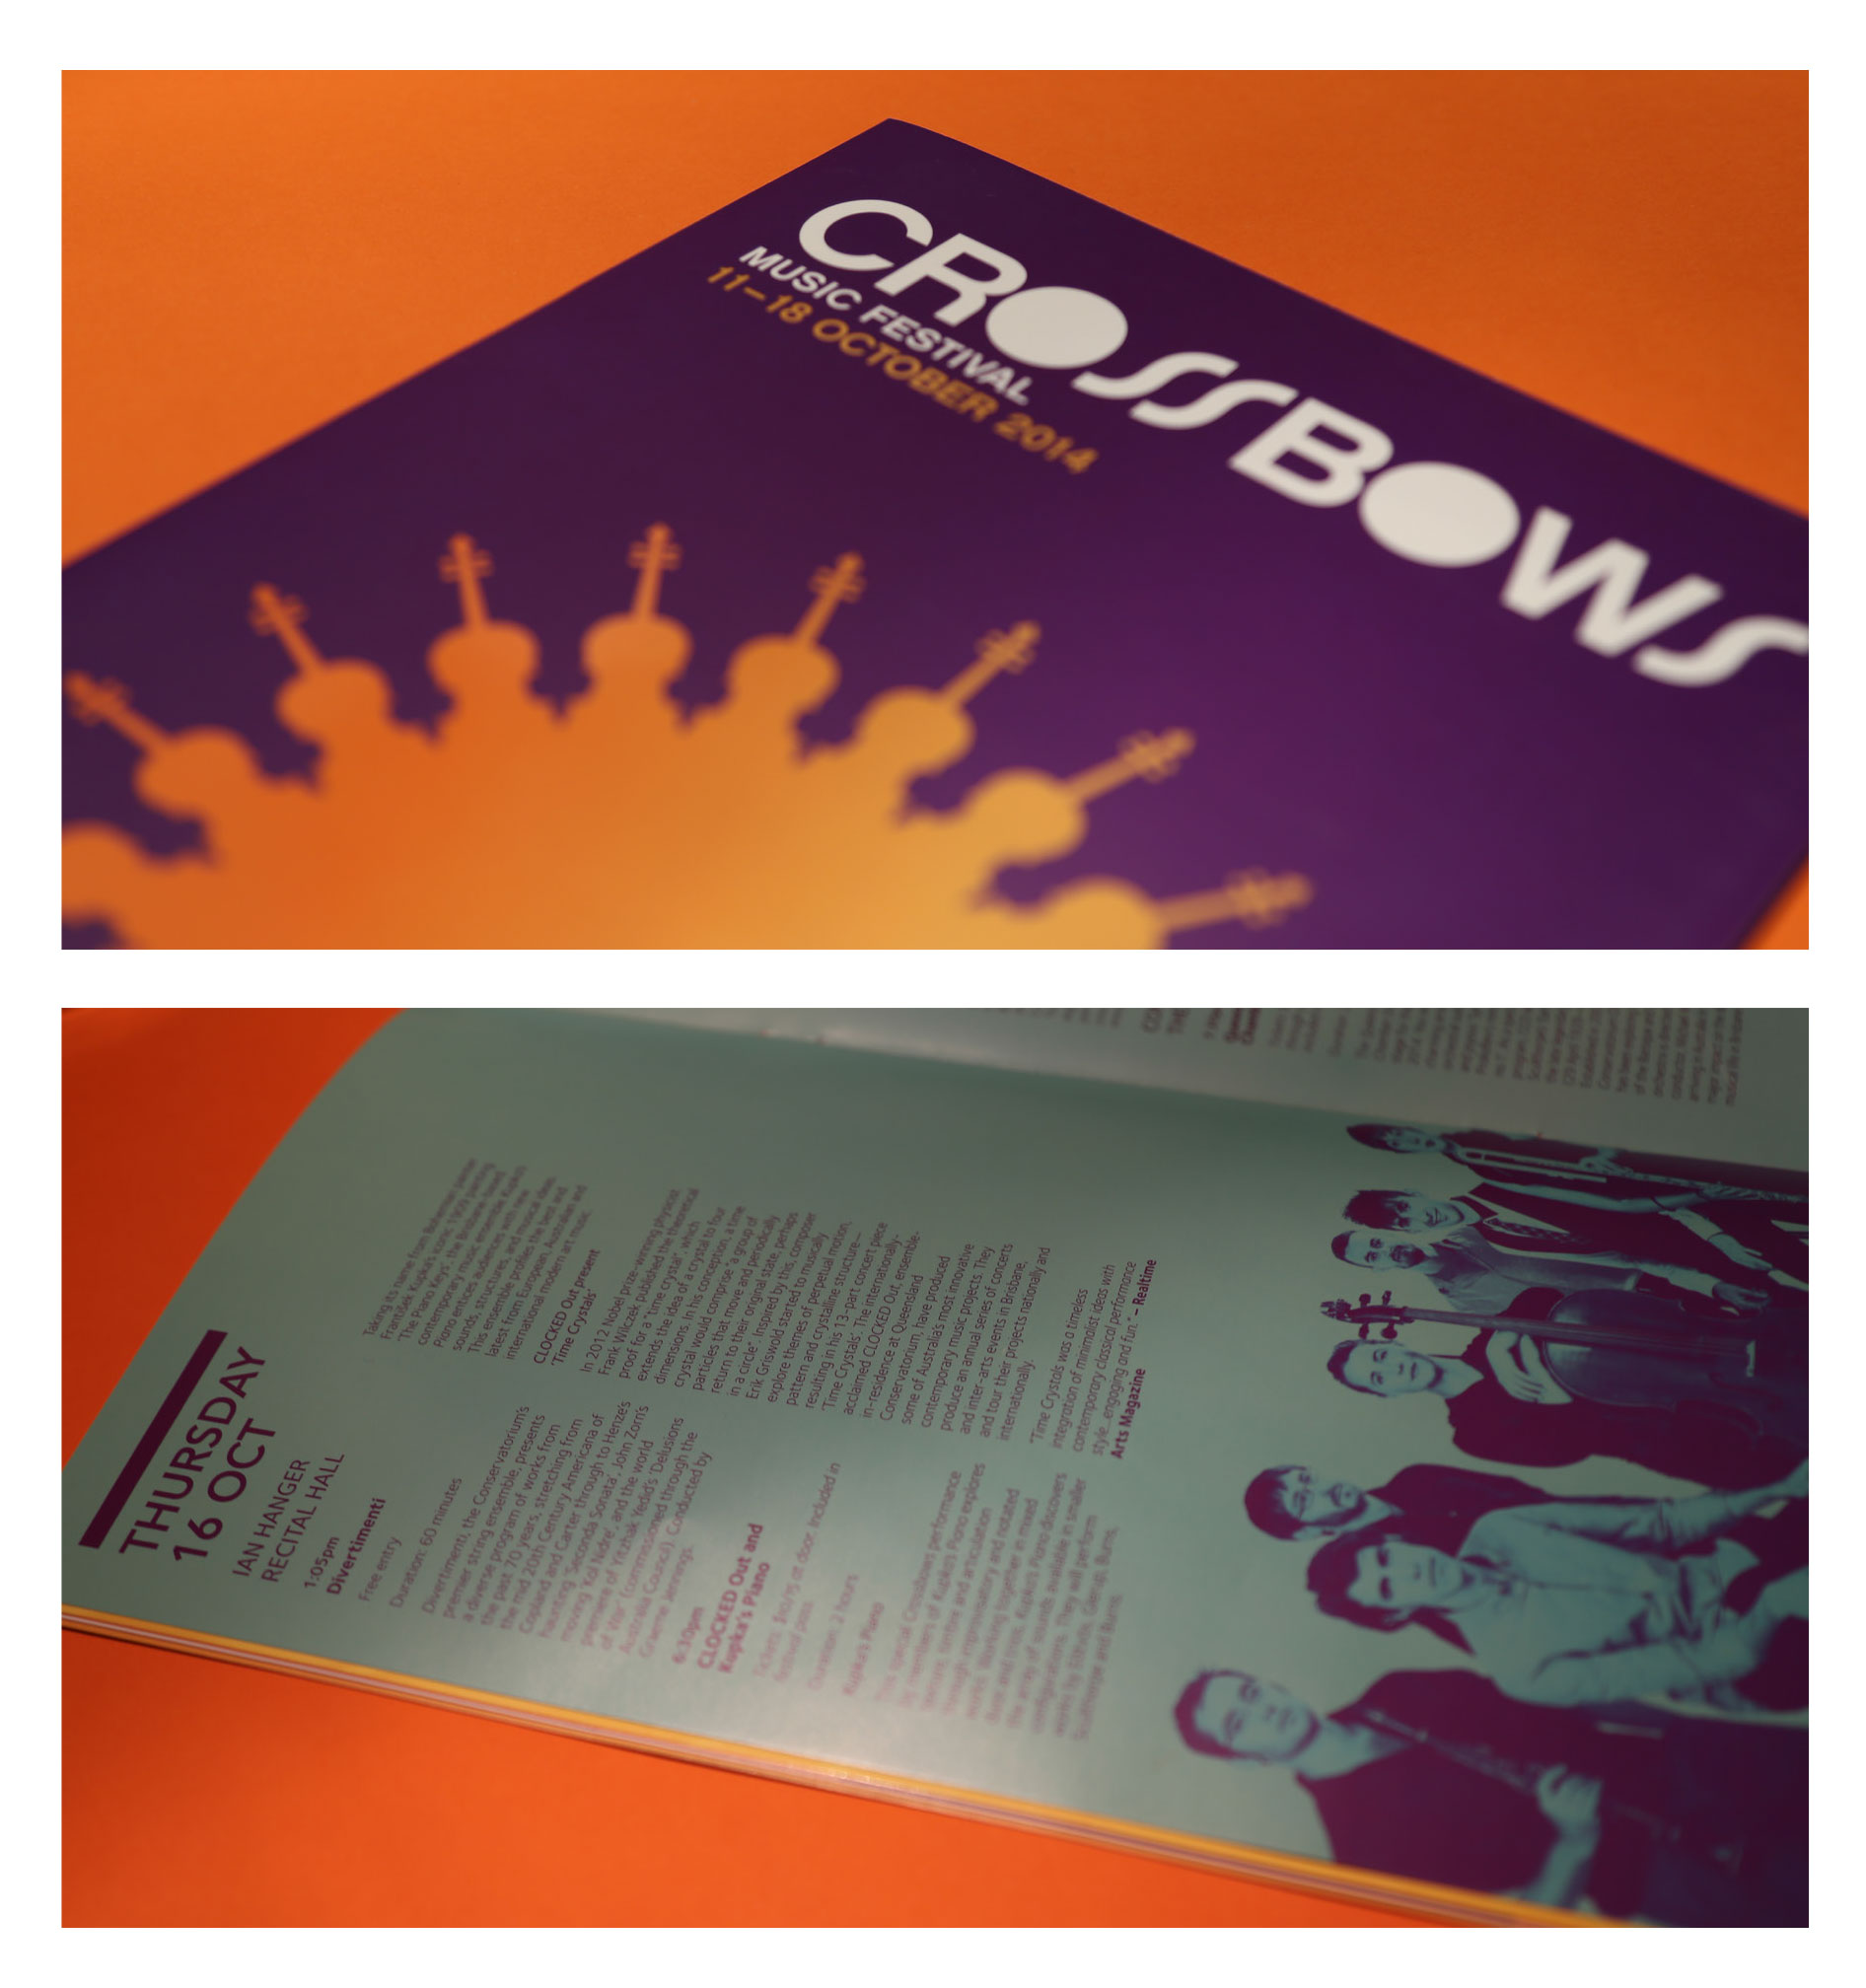 Crossbows-Program-Mockup.jpg